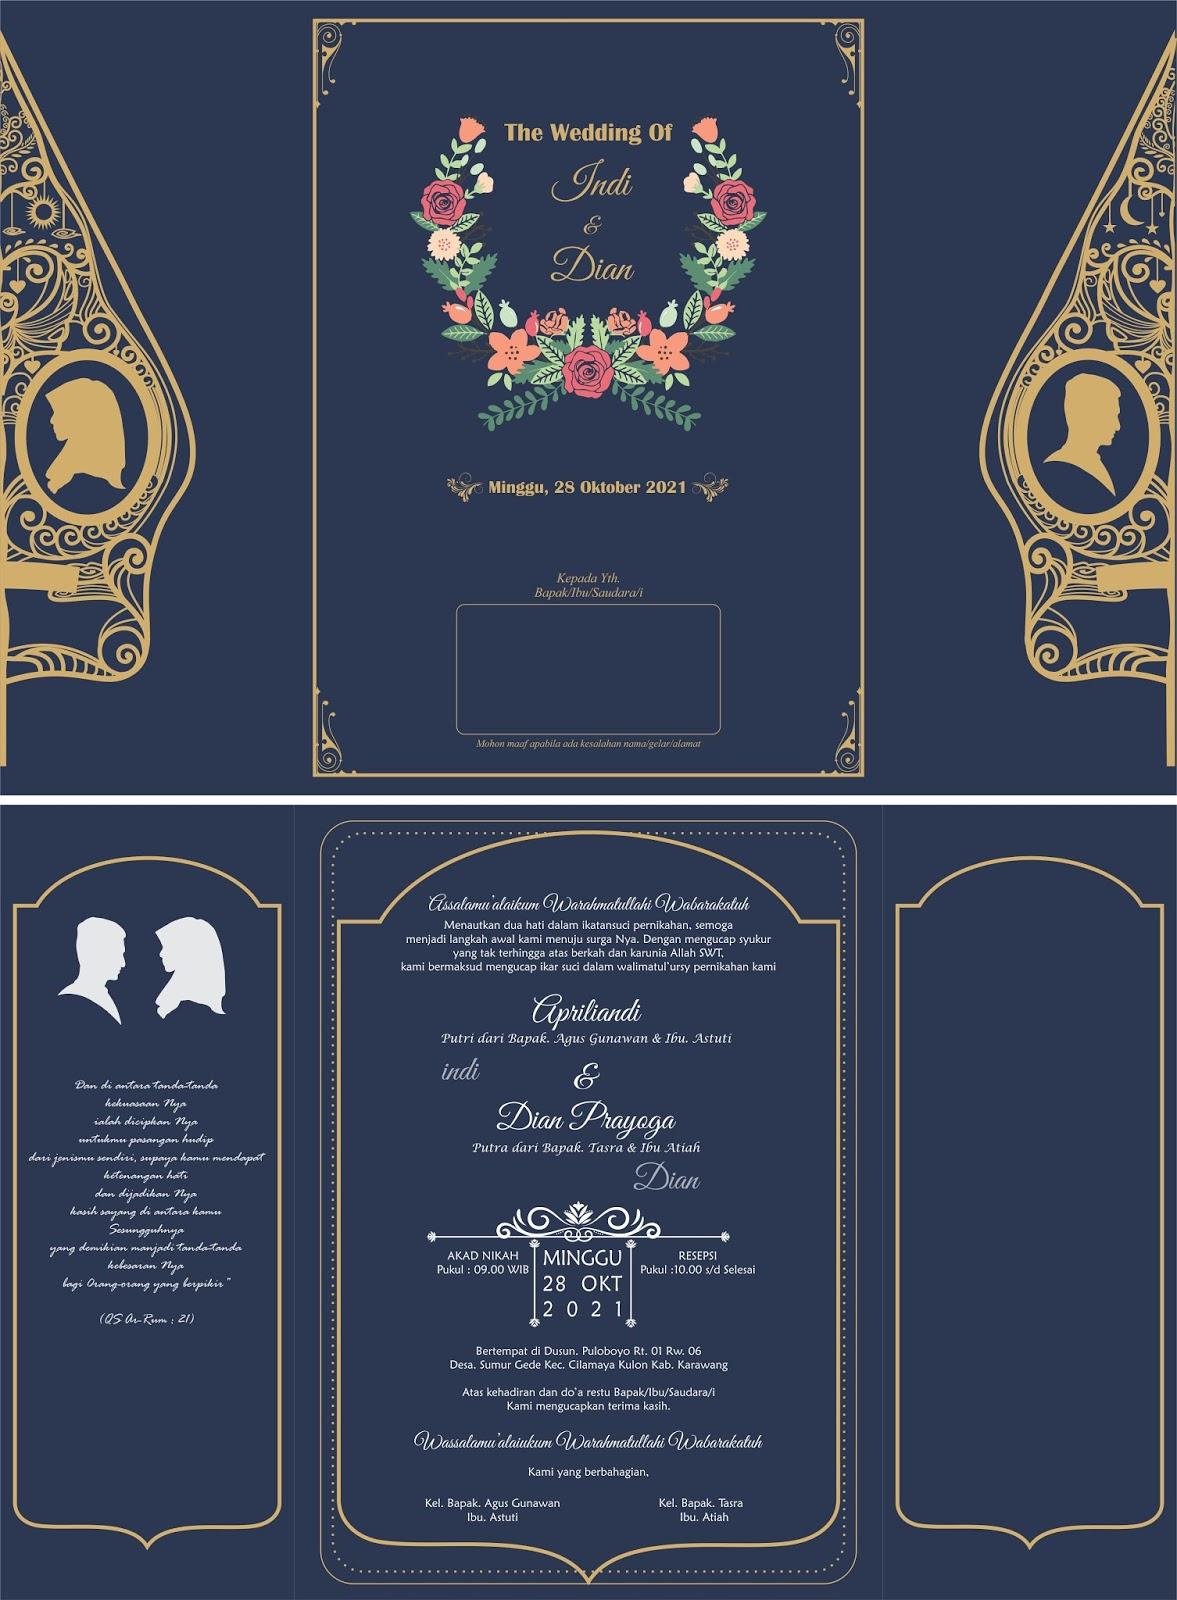 5600 Koleksi Gambar Desain Undangan Pernikahan Cdr Free HD Terbaik Unduh Gratis